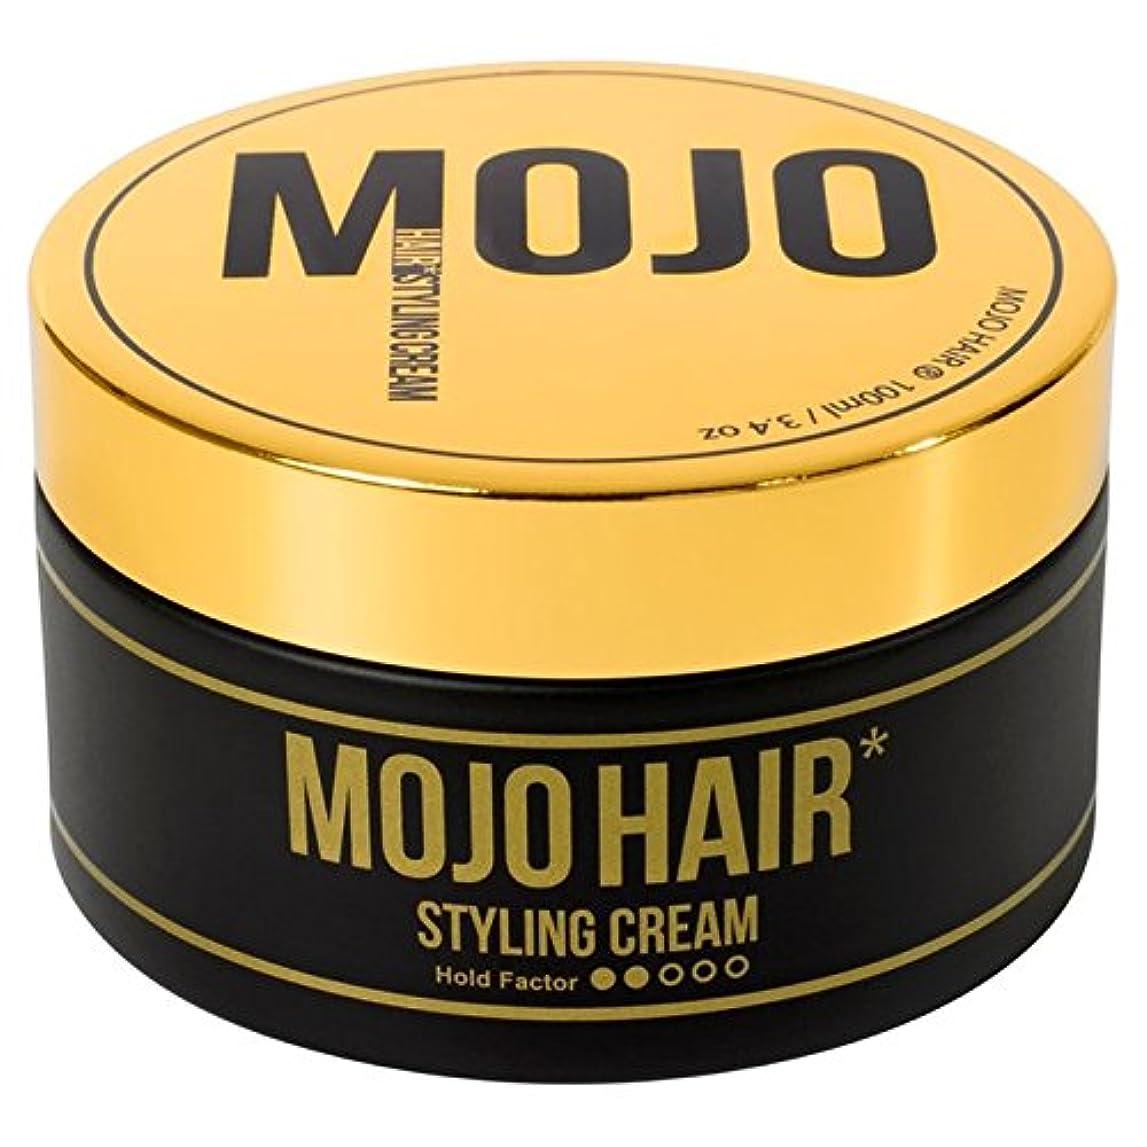 チチカカ湖安価なスプレー100ミリリットル男性のためのモジョのヘアスタイリングクリーム x4 - MOJO HAIR Styling Cream for Men 100ml (Pack of 4) [並行輸入品]